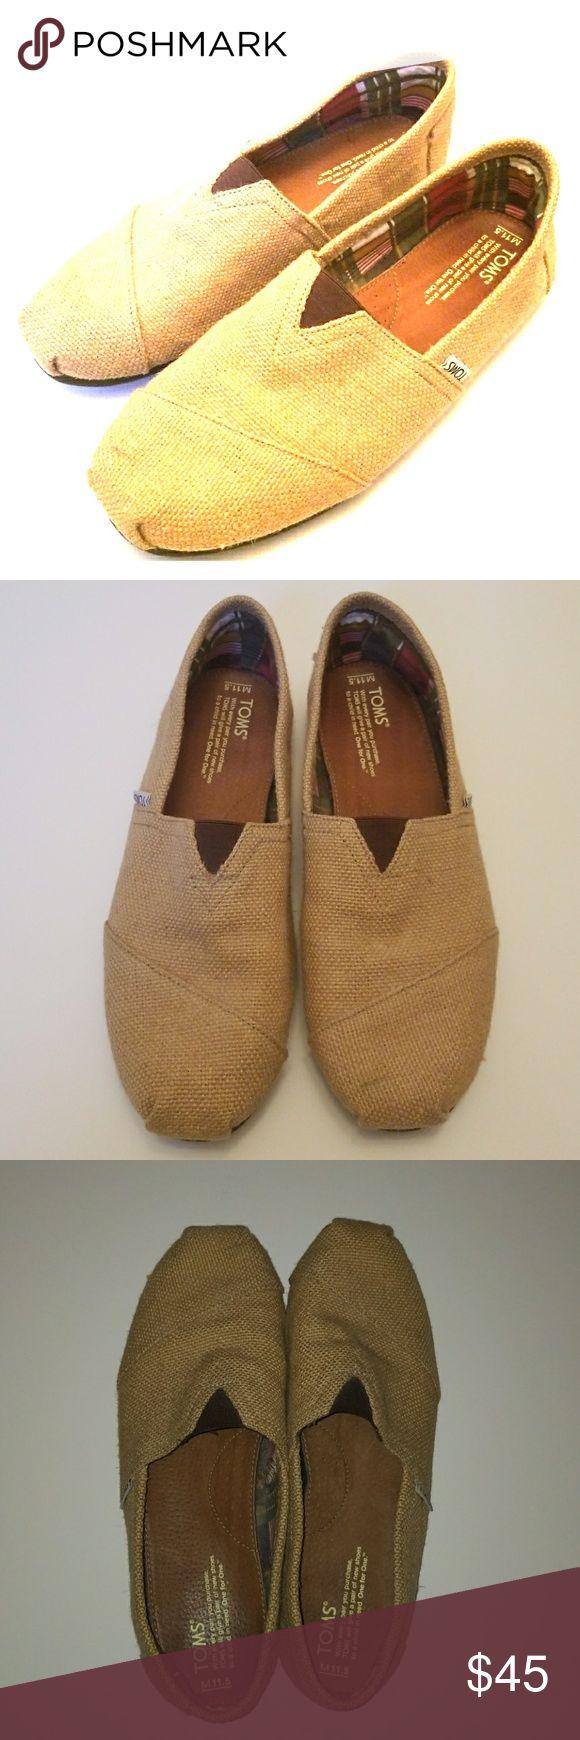 Burlap Toms Mens Sz 11.5 burlap Toms. Toms Shoes